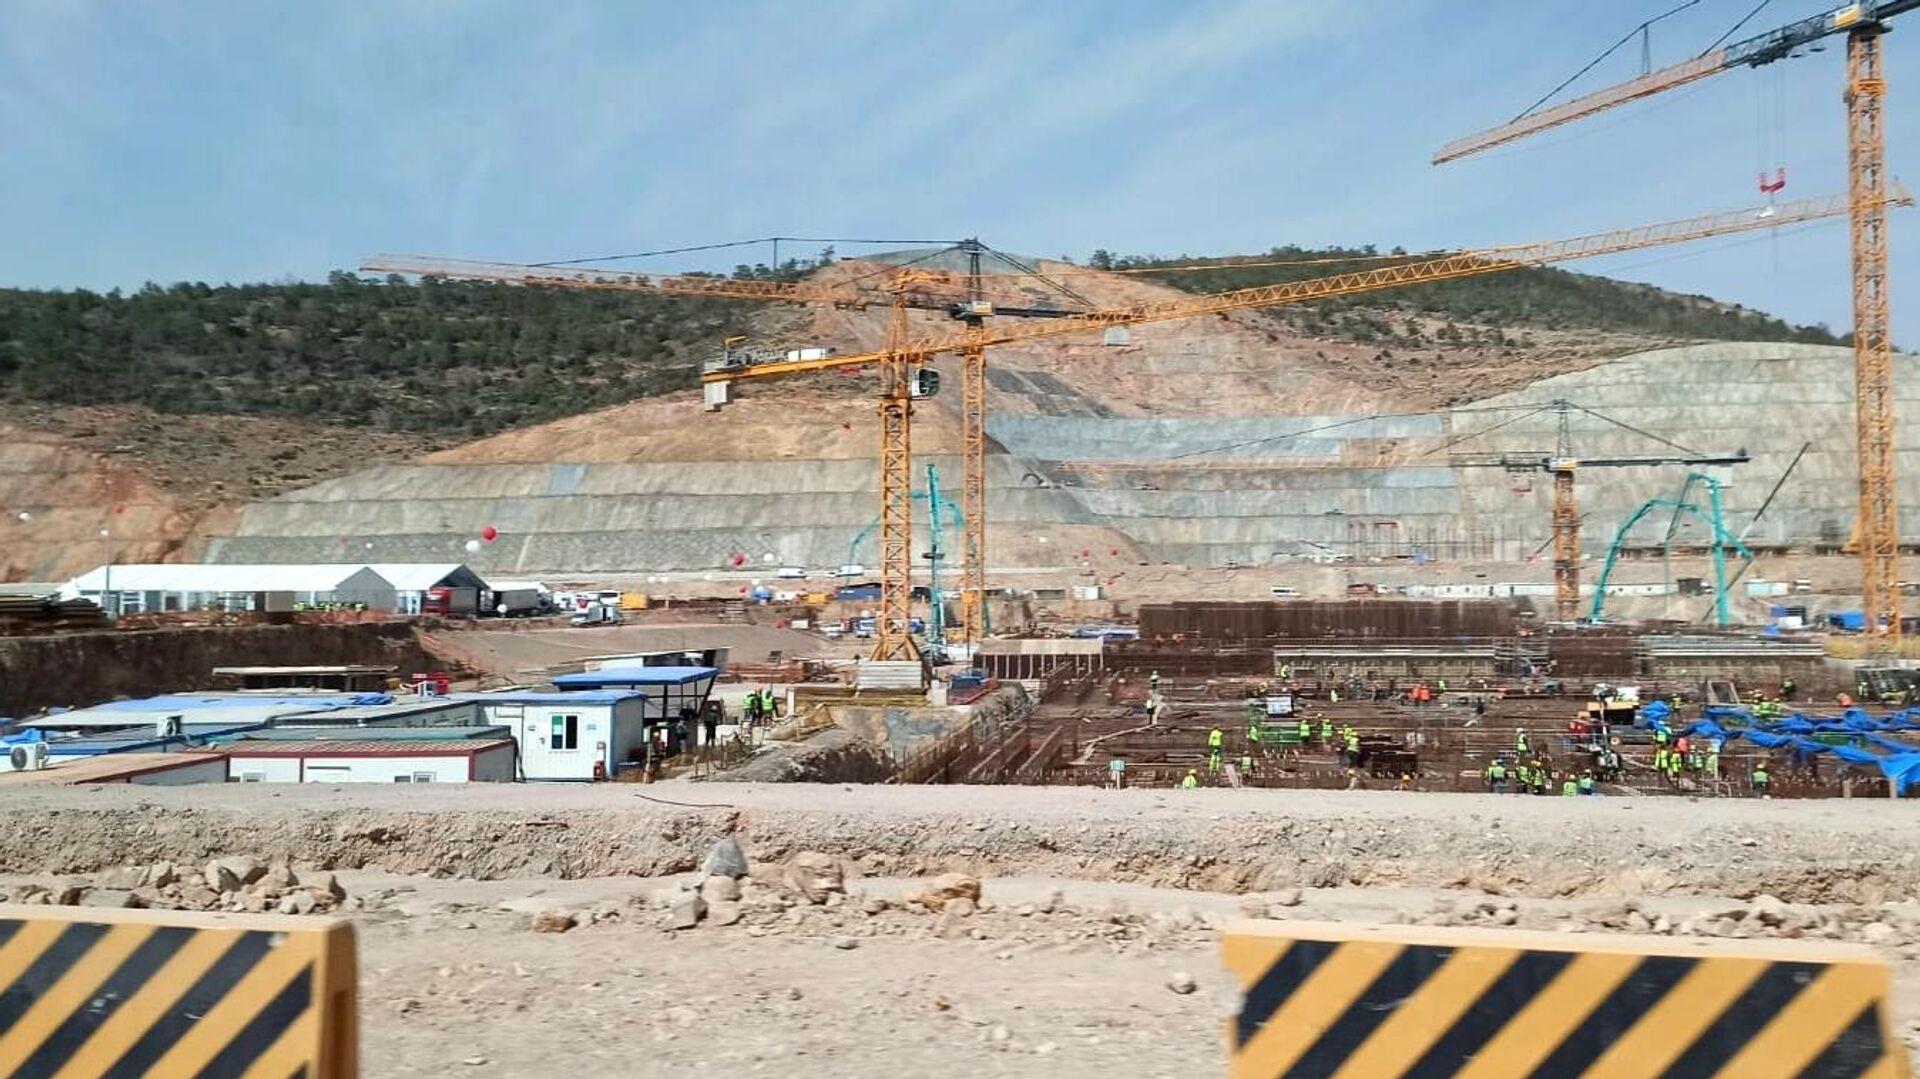 Начало строительства третьего блока АЭС Аккую в Турции - РИА Новости, 1920, 17.09.2021